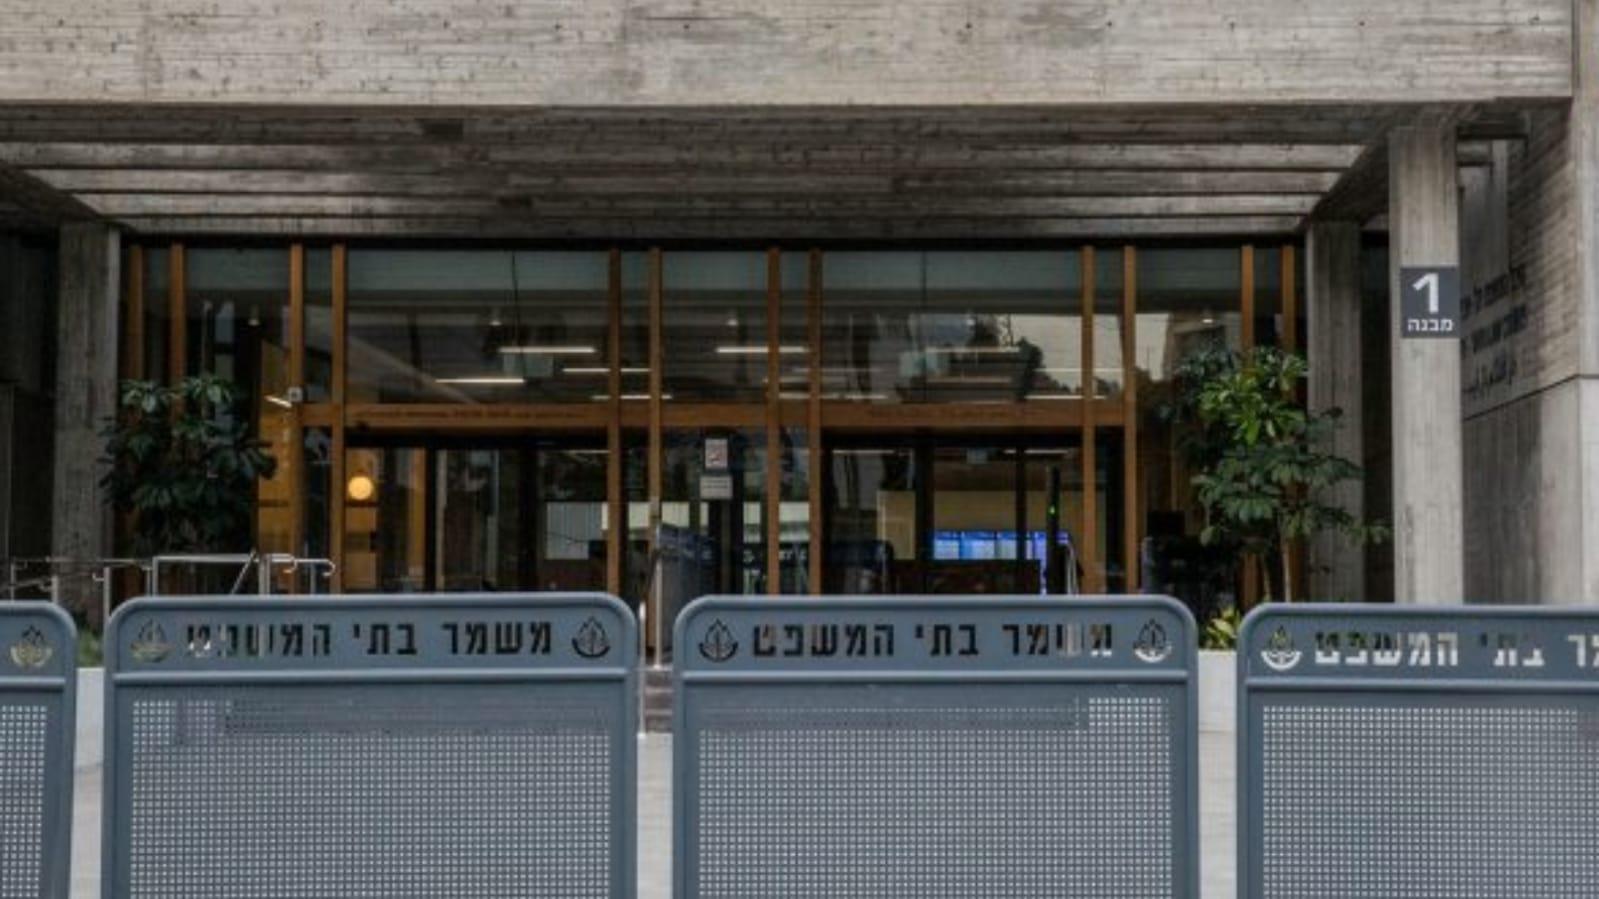 בית משפט השלום, צילום: אבי פוגל